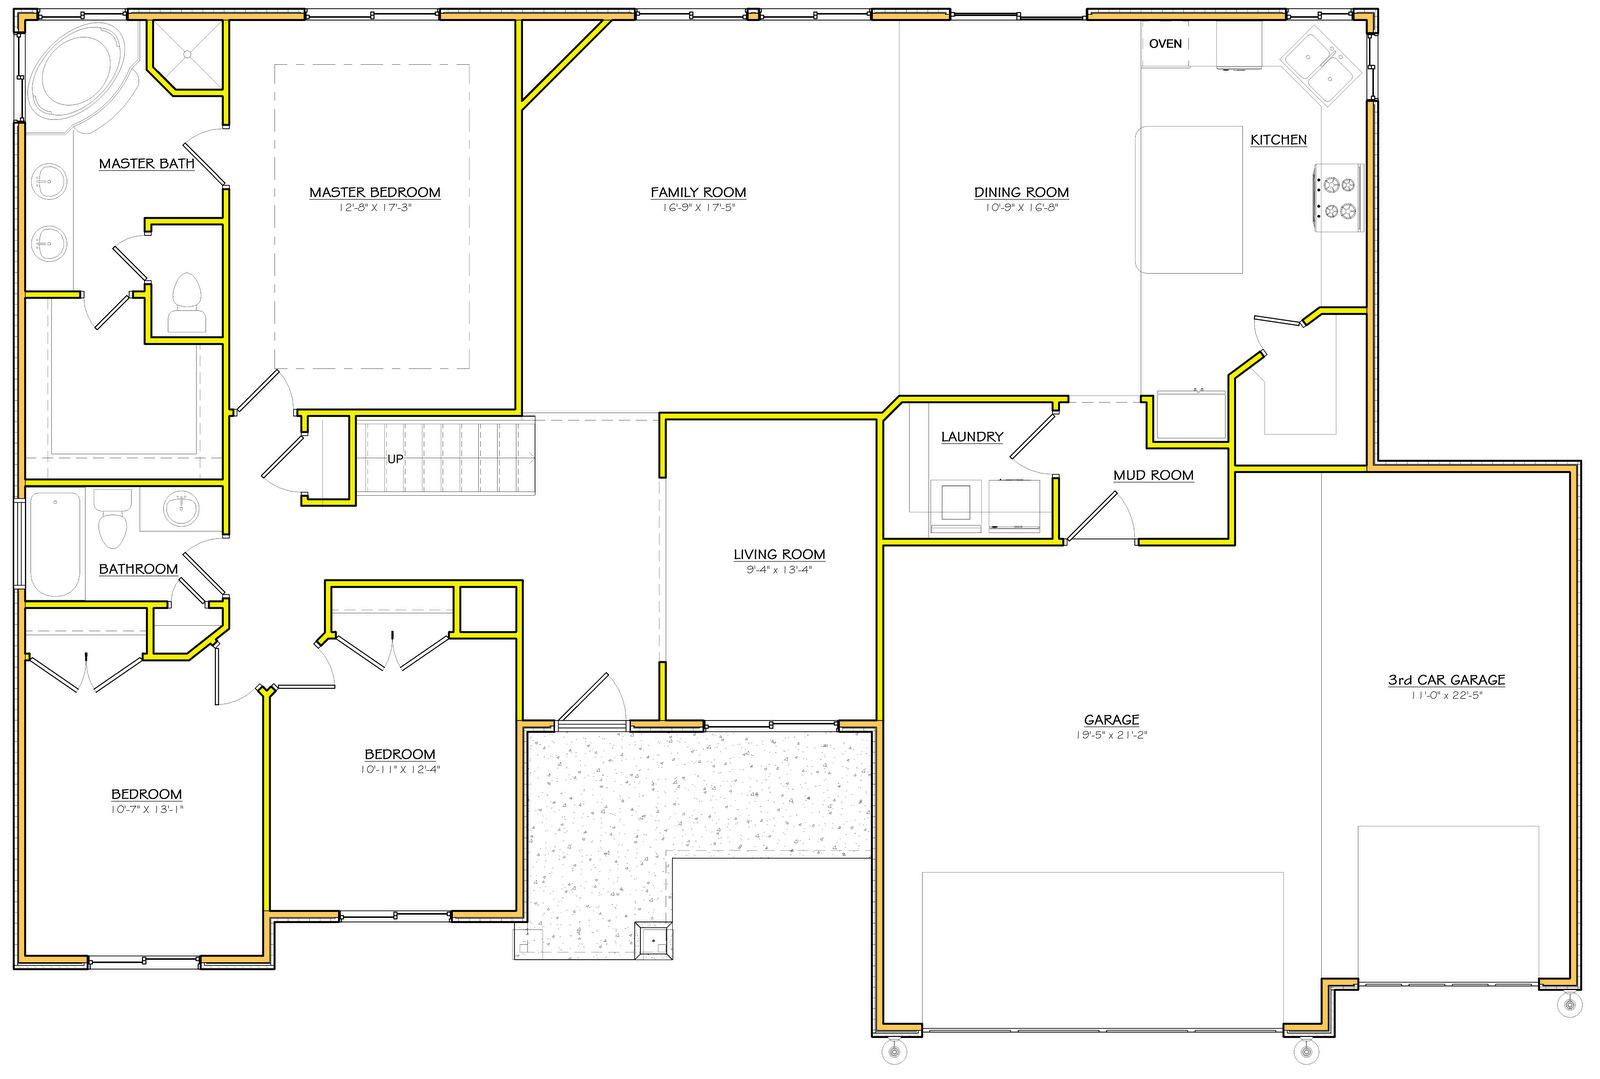 Utah rambler house plans for Home designs utah